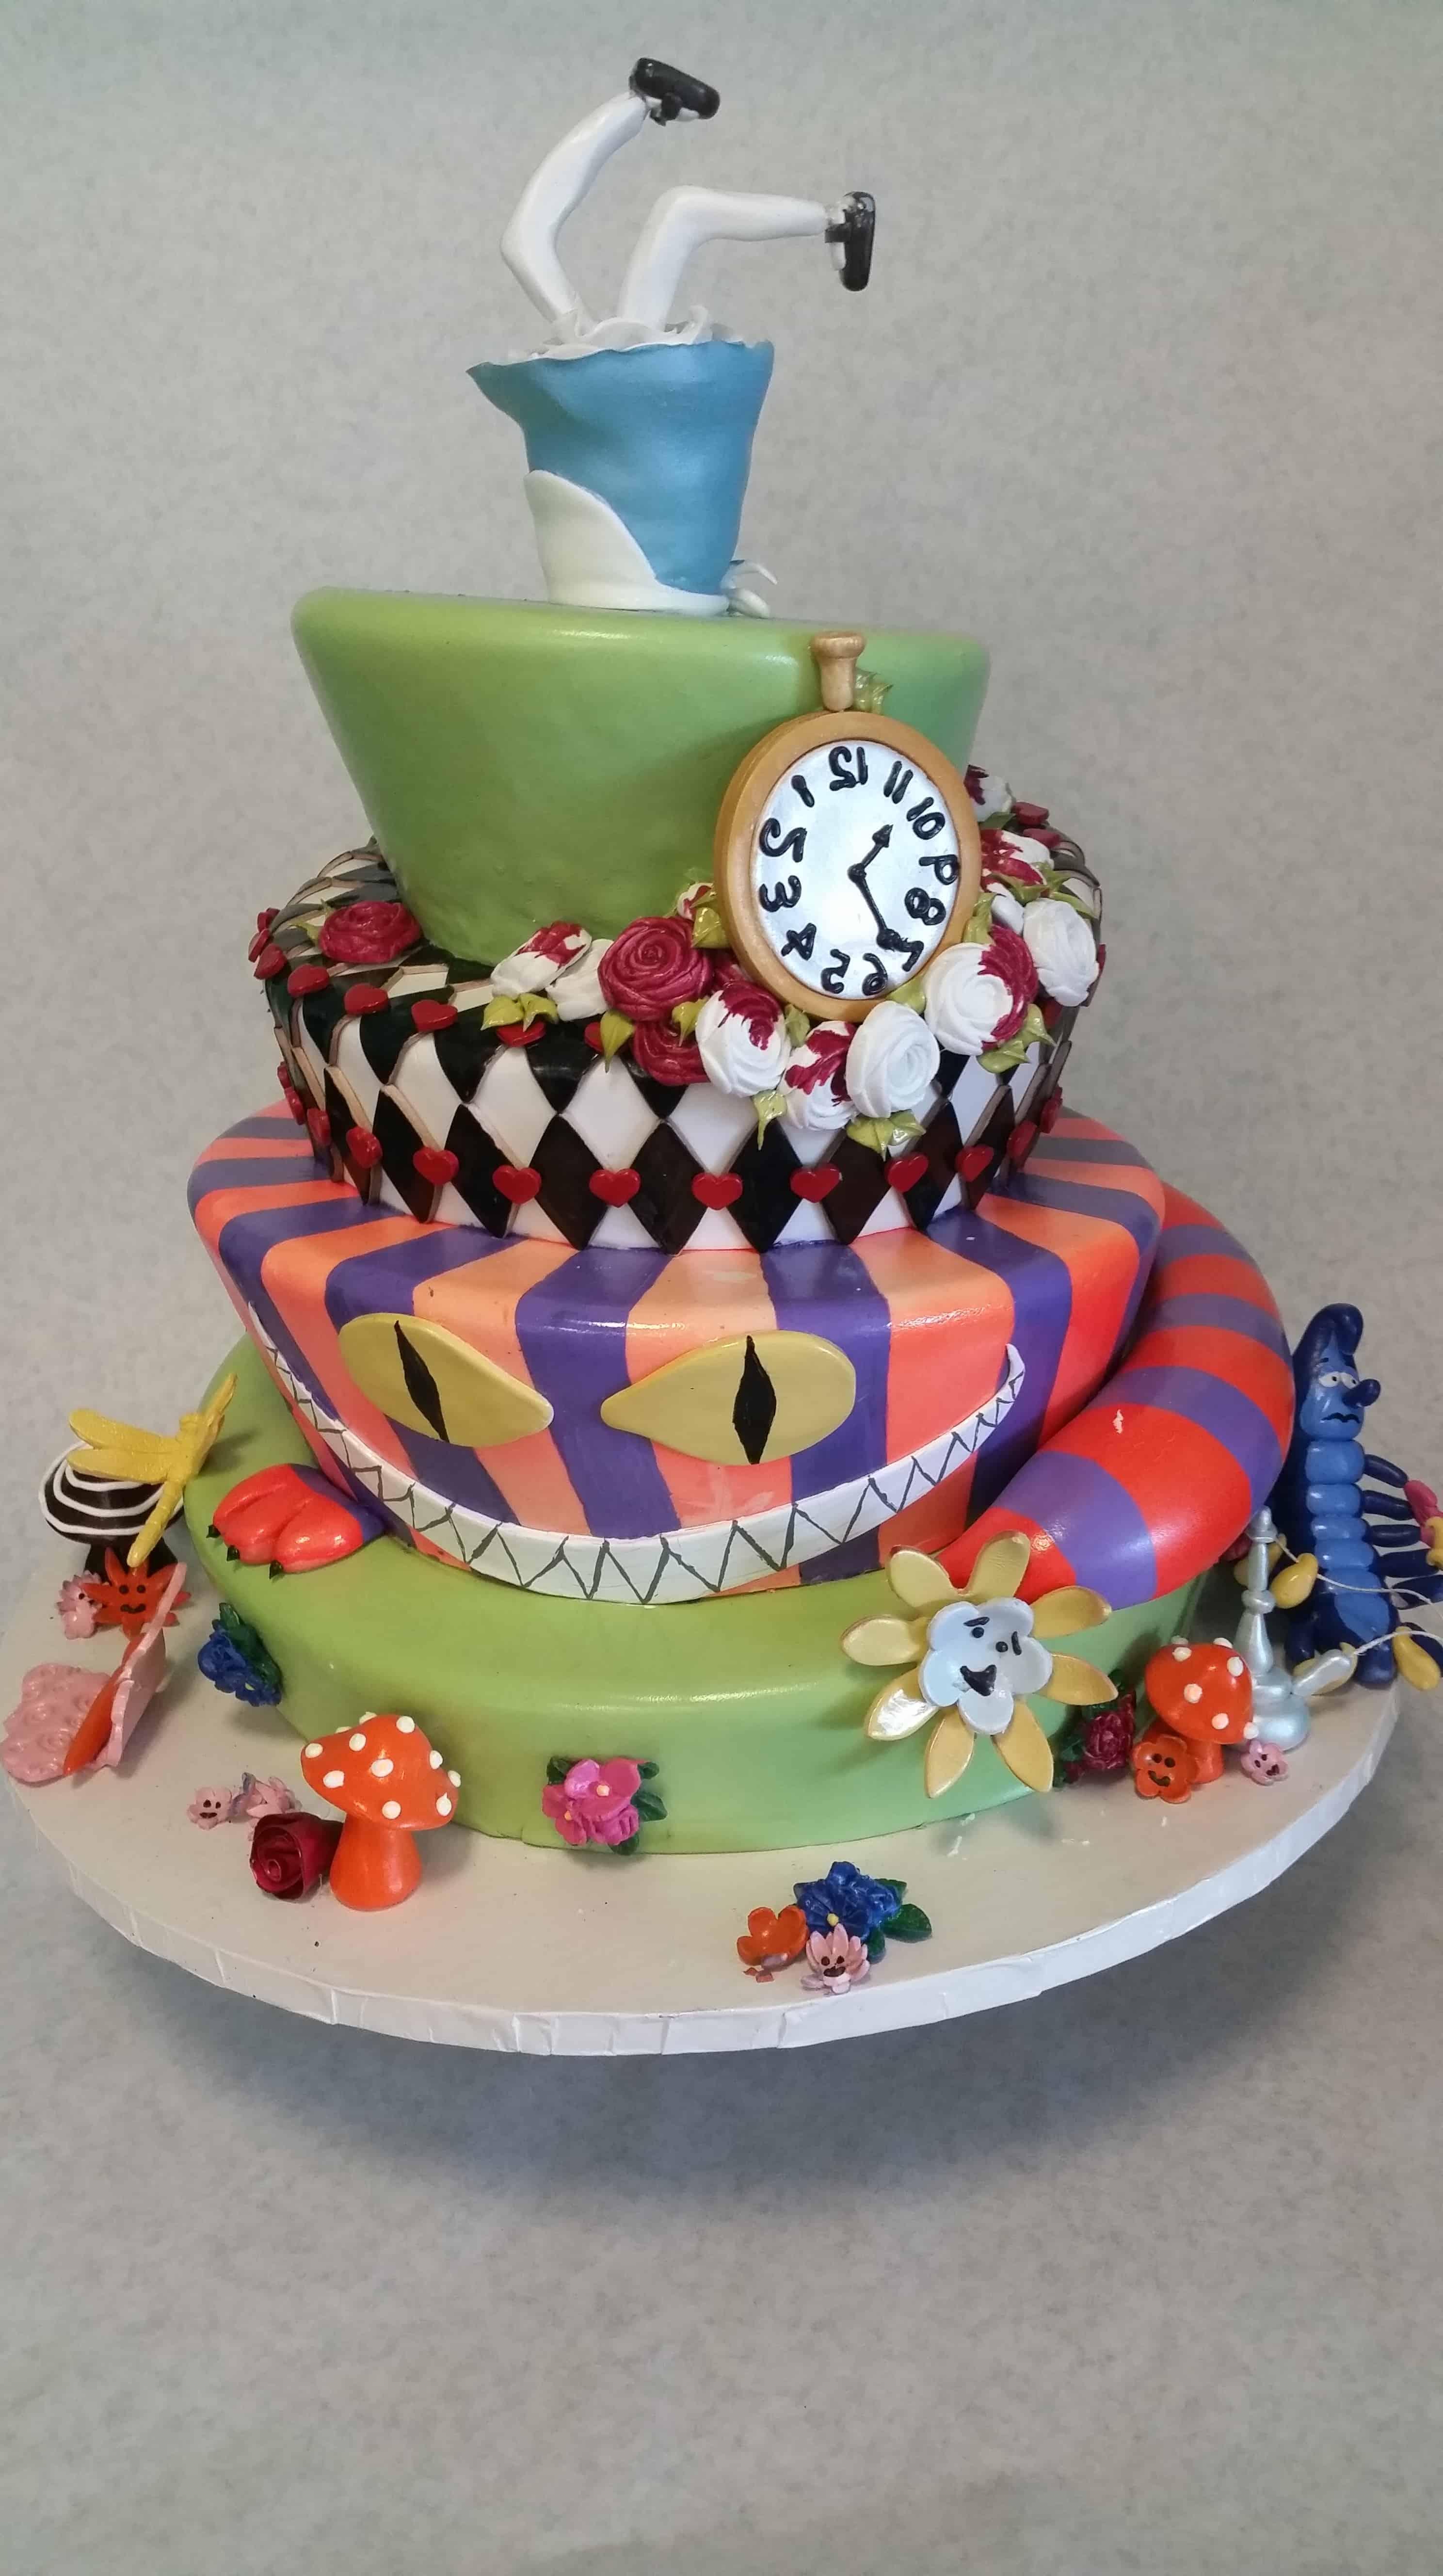 The Makery Company Cake Fairytale Topsy Turvy Cake with Clock